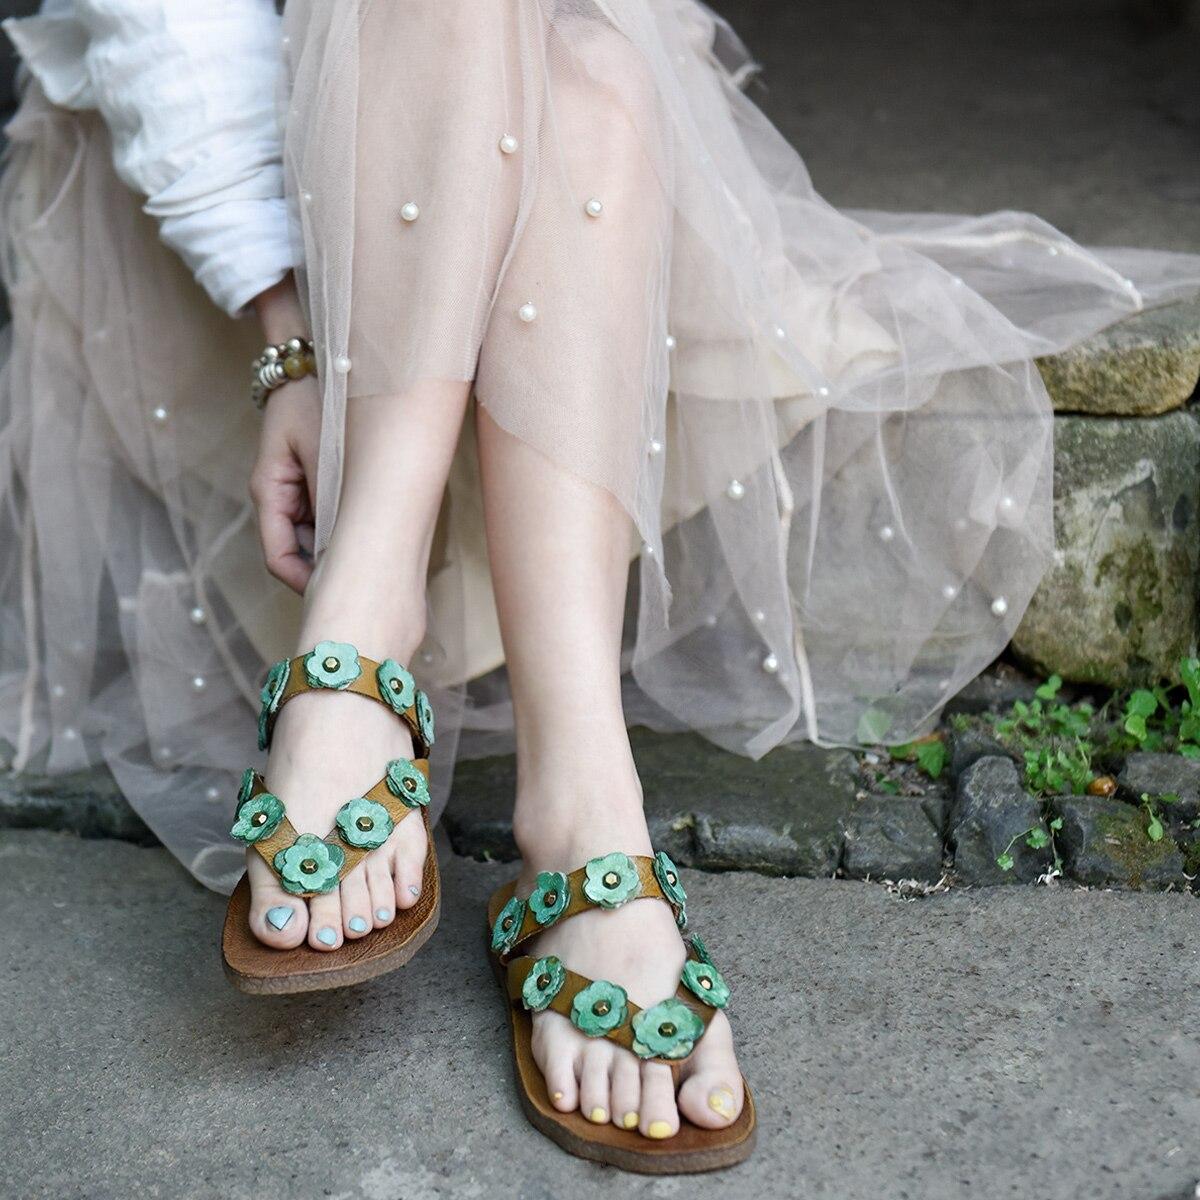 Artmu Original Flower Flip-flops Women Outside Wear Rivets Flowers Soft Bottom Genuine Leather Slippers New Beach Shoes Flat